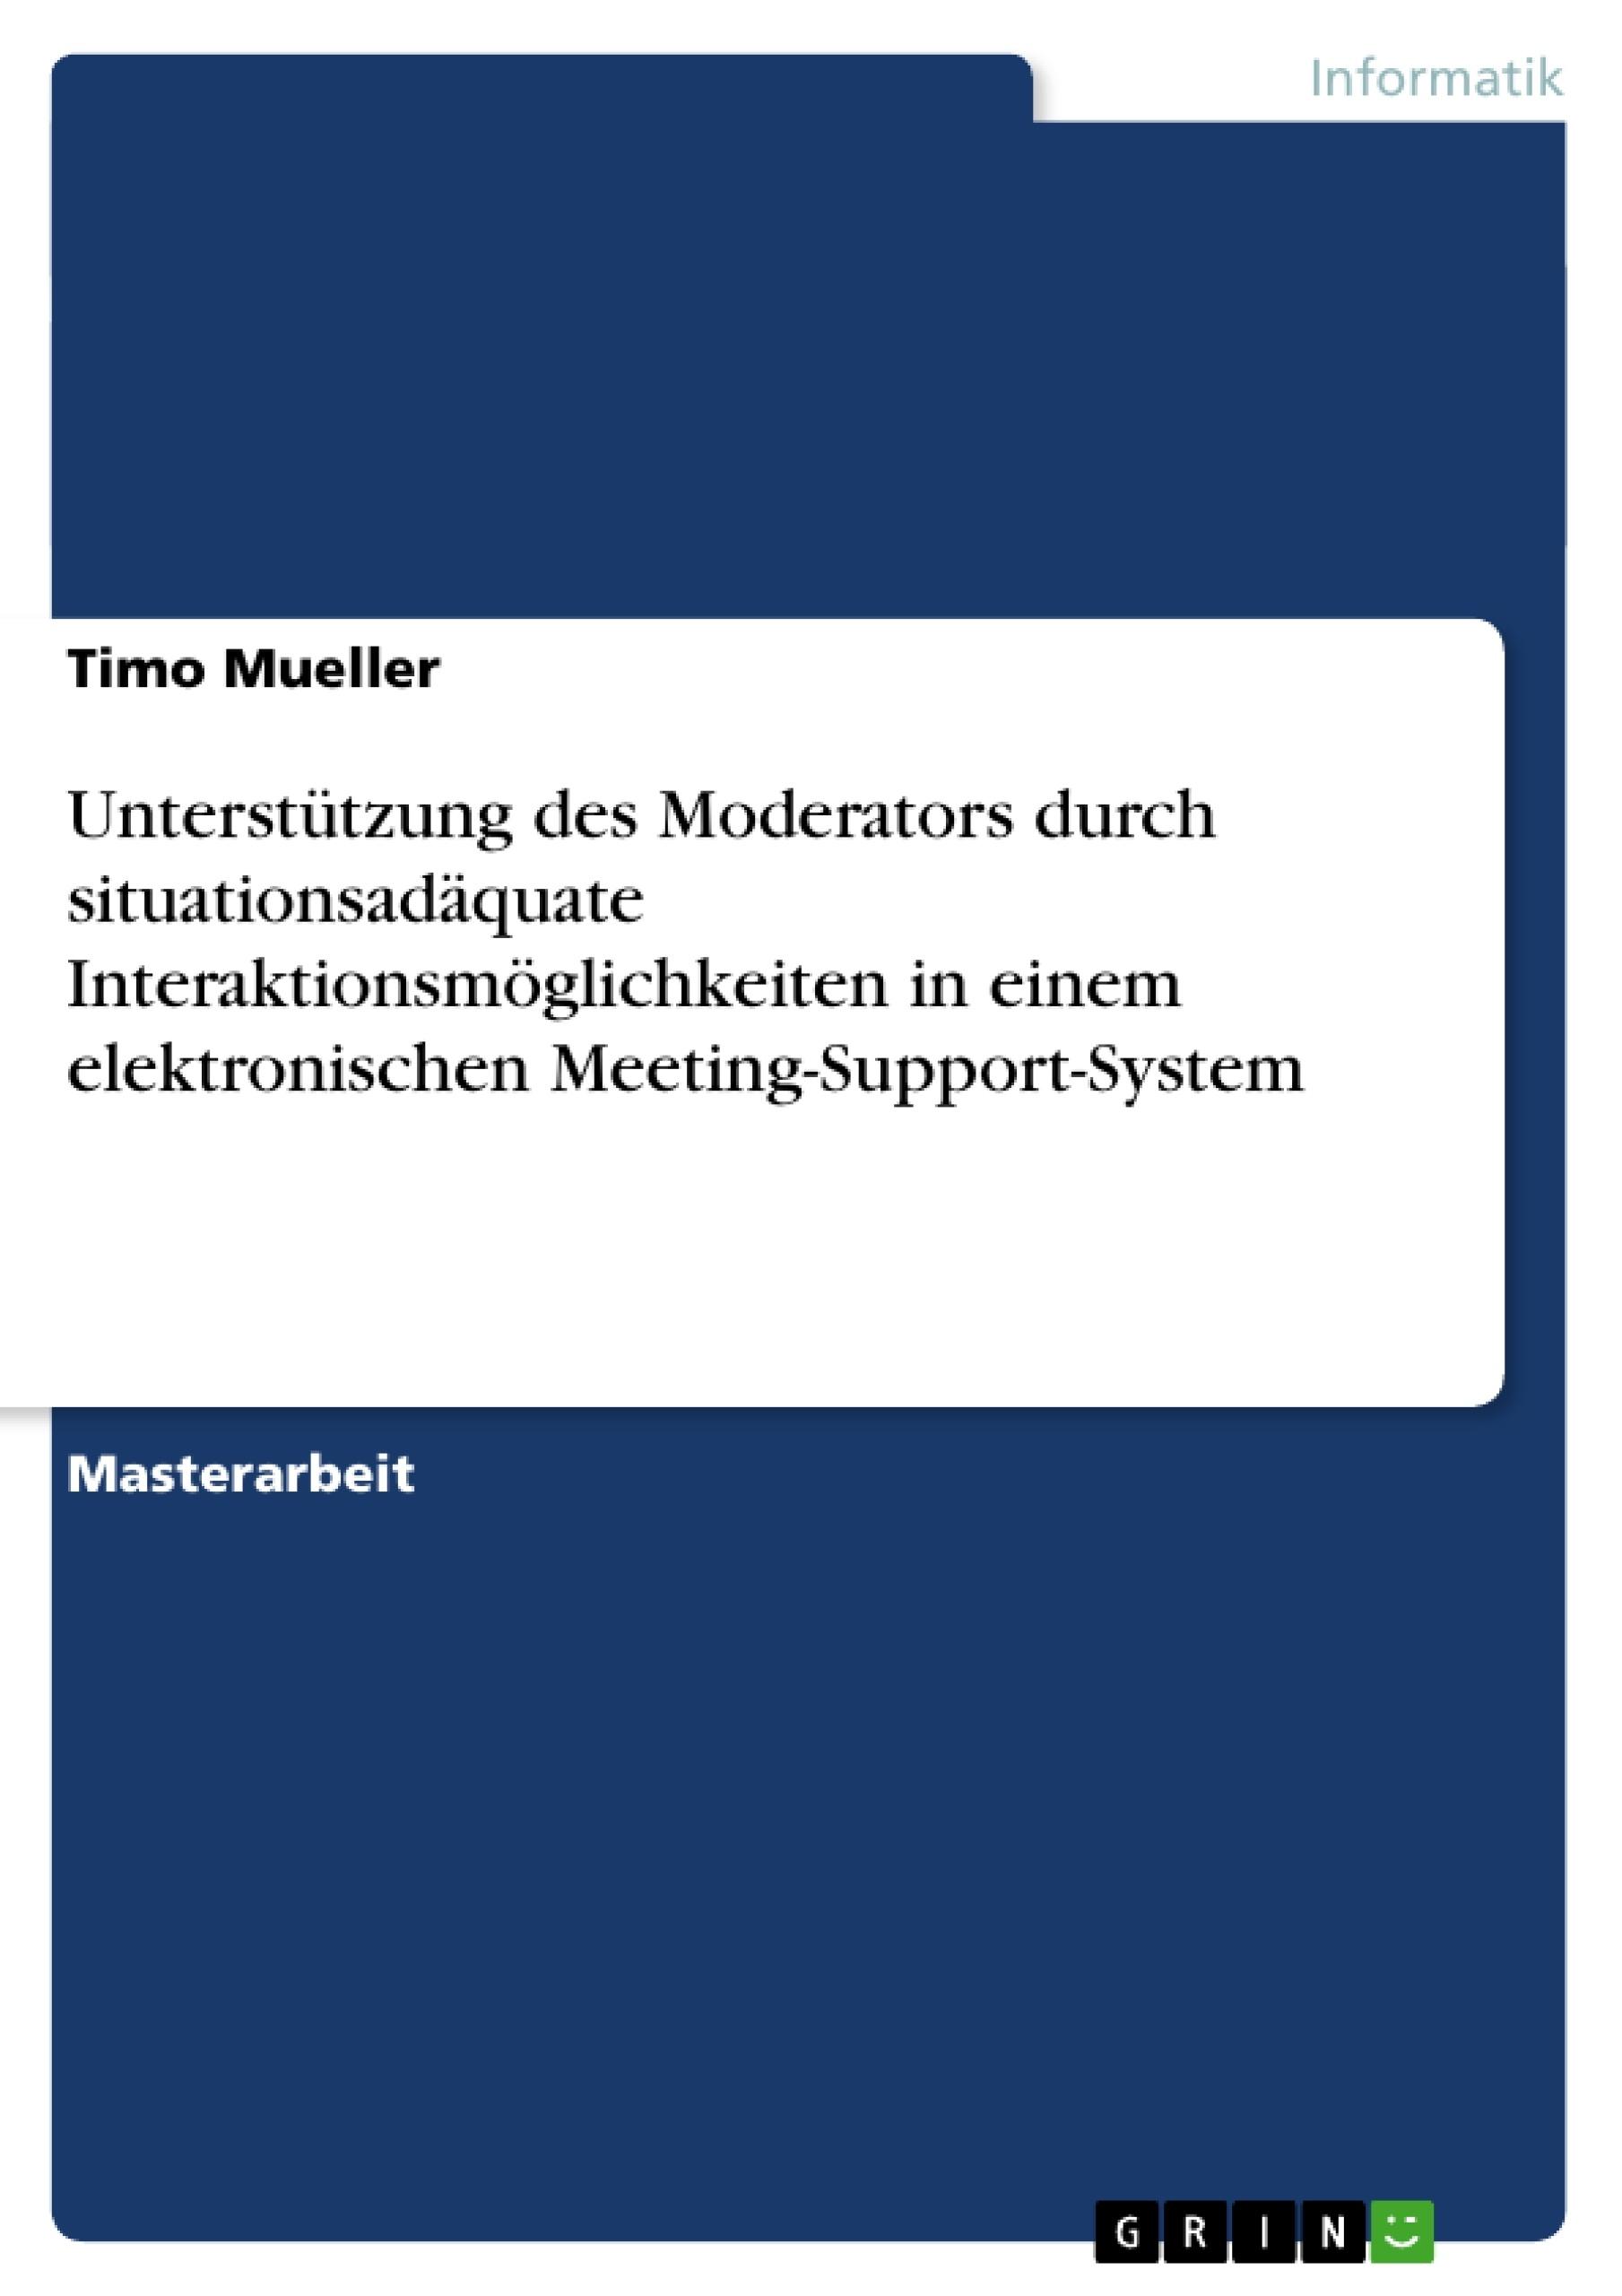 Titel: Unterstützung des Moderators durch situationsadäquate Interaktionsmöglichkeiten in einem elektronischen Meeting-Support-System